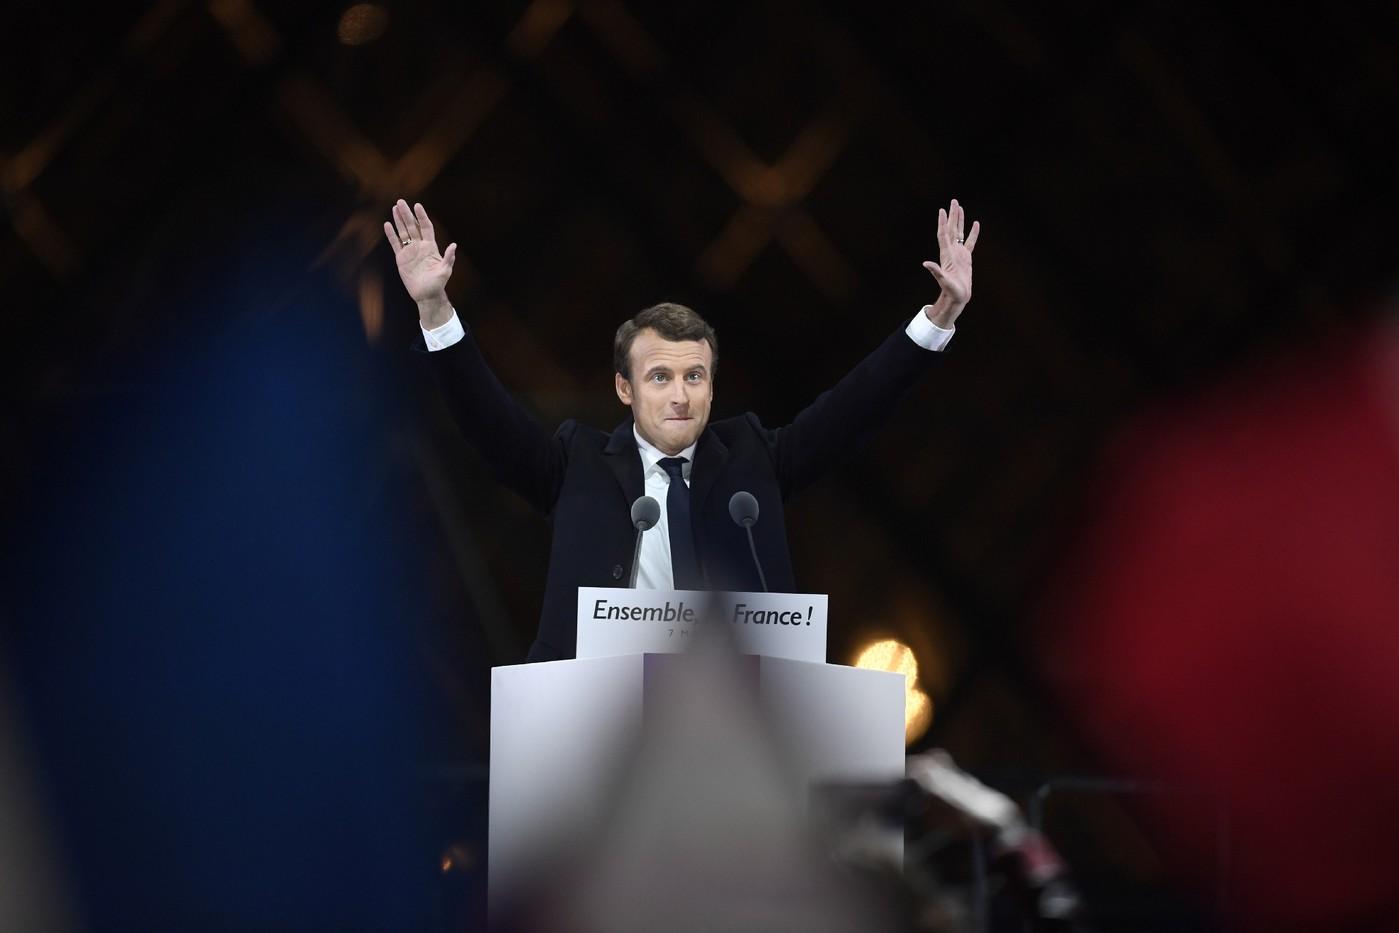 La Russie aurait utilisé de faux comptes Facebook pour espionner Macron